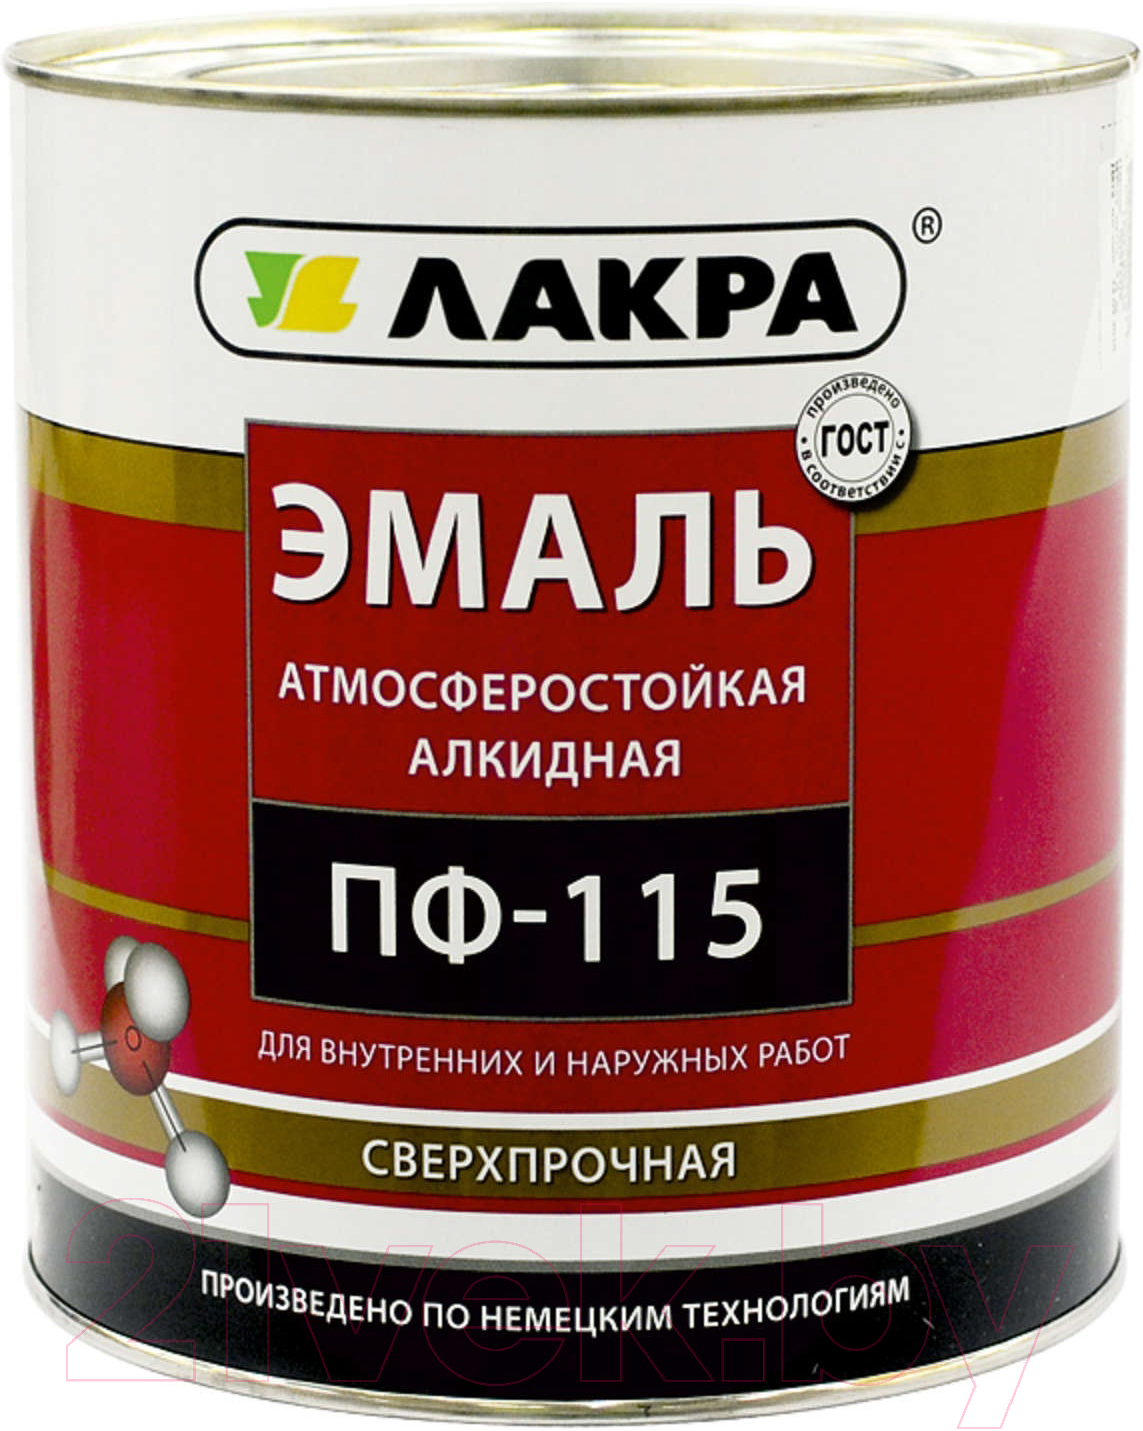 Купить Эмаль Лакра, ПФ-115 (1кг, белый матовый), Россия